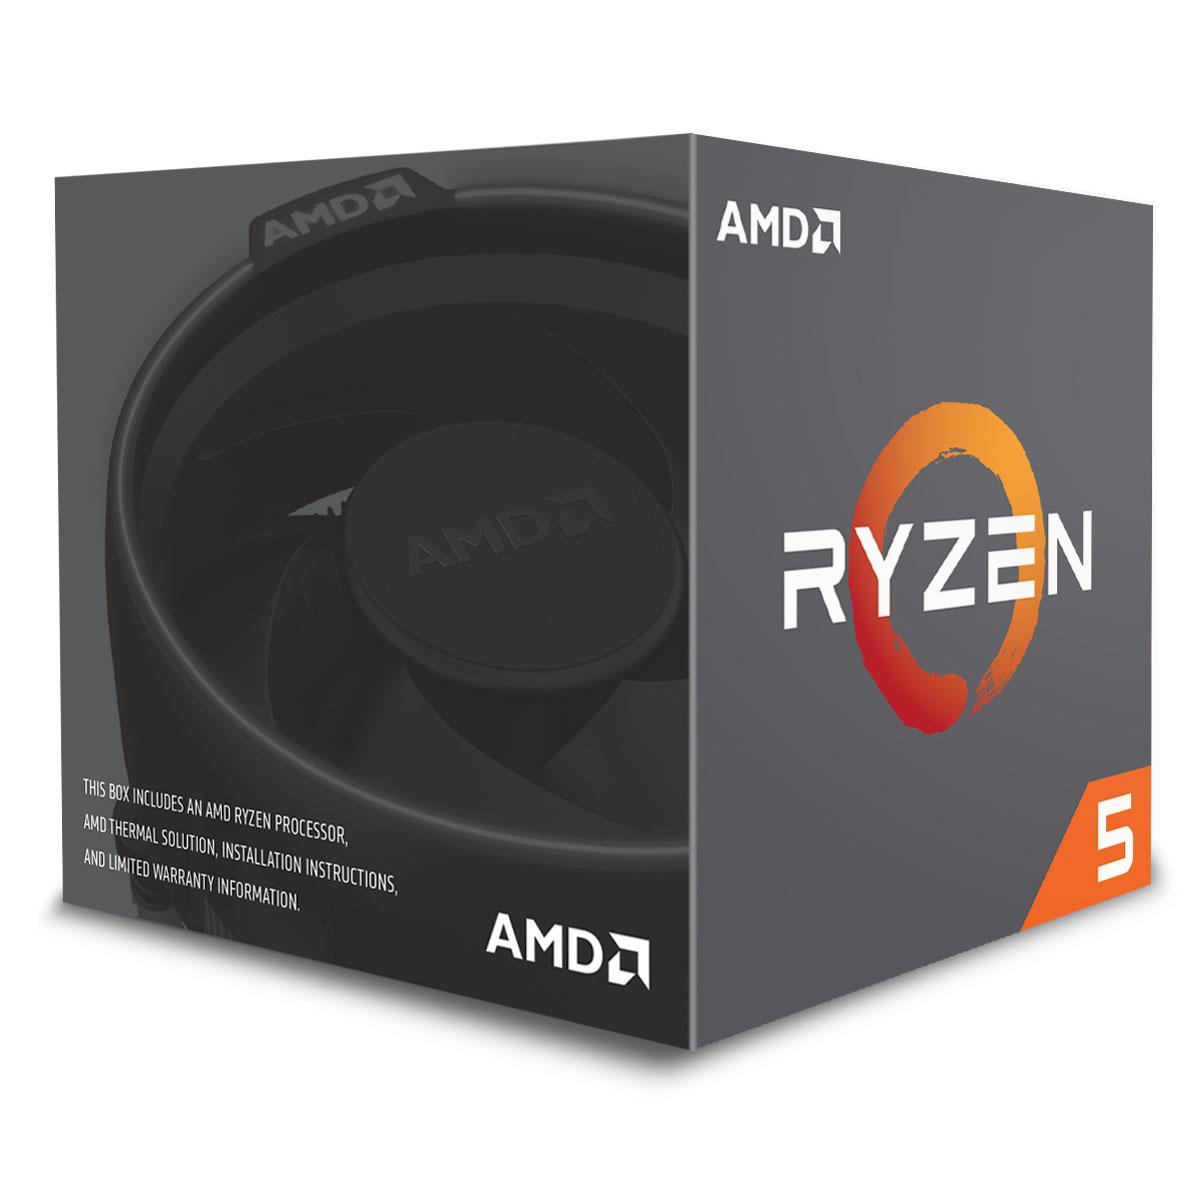 Processeur AMD Ryzen 5 1600 Wraith Spire Edition (3.2 GHz) Processeur 6-Core socket AM4 Cache L3 16 Mo 0.014 micron TDP 65W avec système de refroidissement (version boîte - garantie constructeur 3 ans)